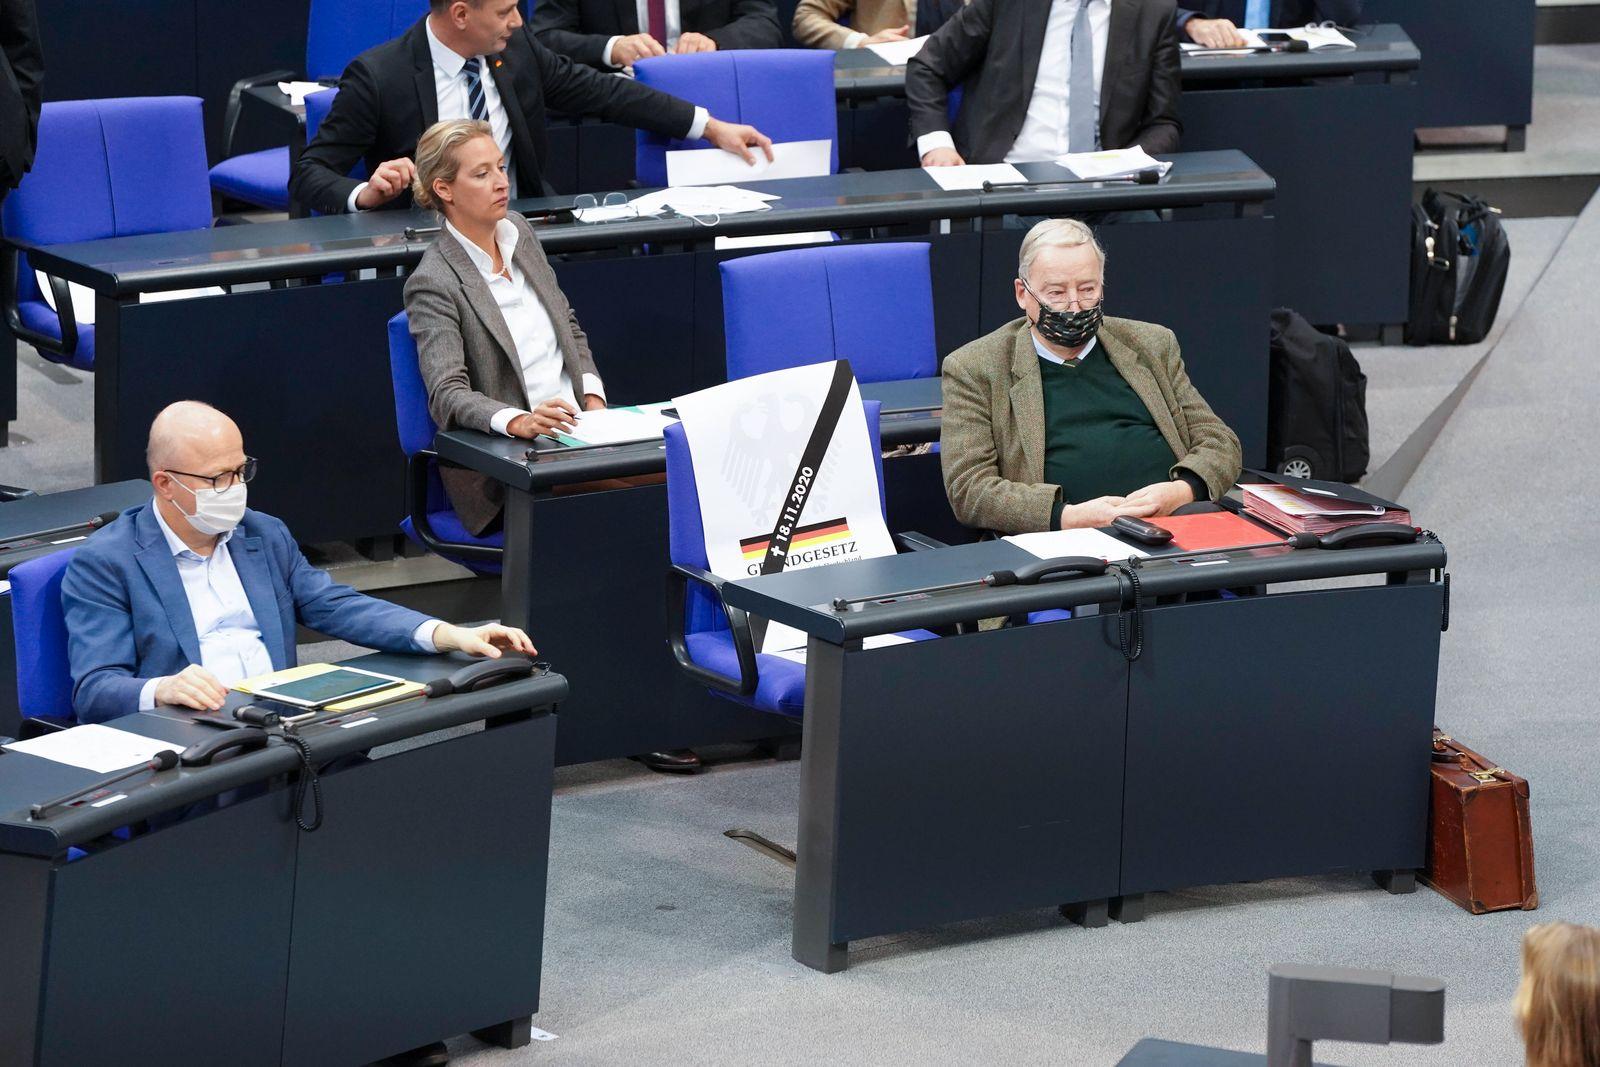 191. Sitzung des Deutschen Bundestages und Debatte Aktuell, 18.11.2020, Berlin, Die Fraktion der AfD mit einer Aktion i